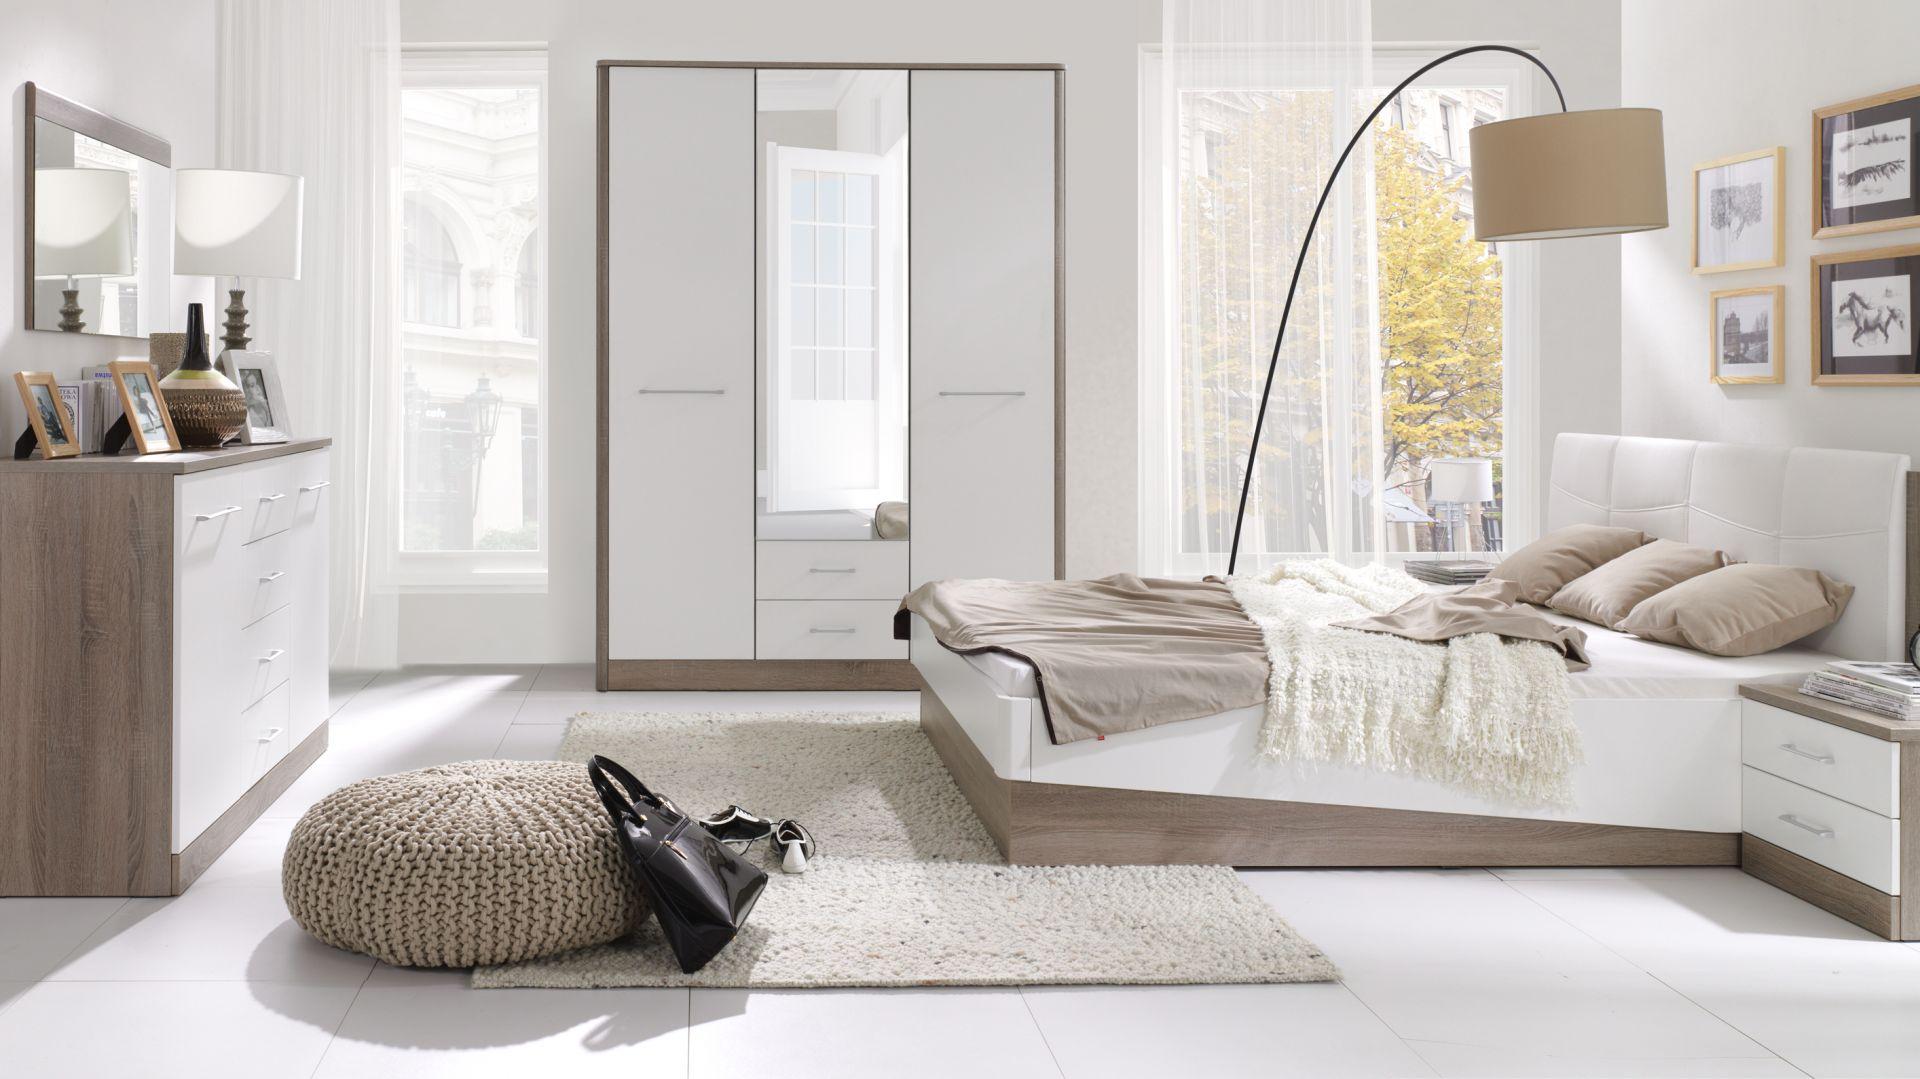 Sypialnia Liverpool dostępna w najmodniejszym połączeniu drewna z kolorem białym w połysku. Fot. Stolwit